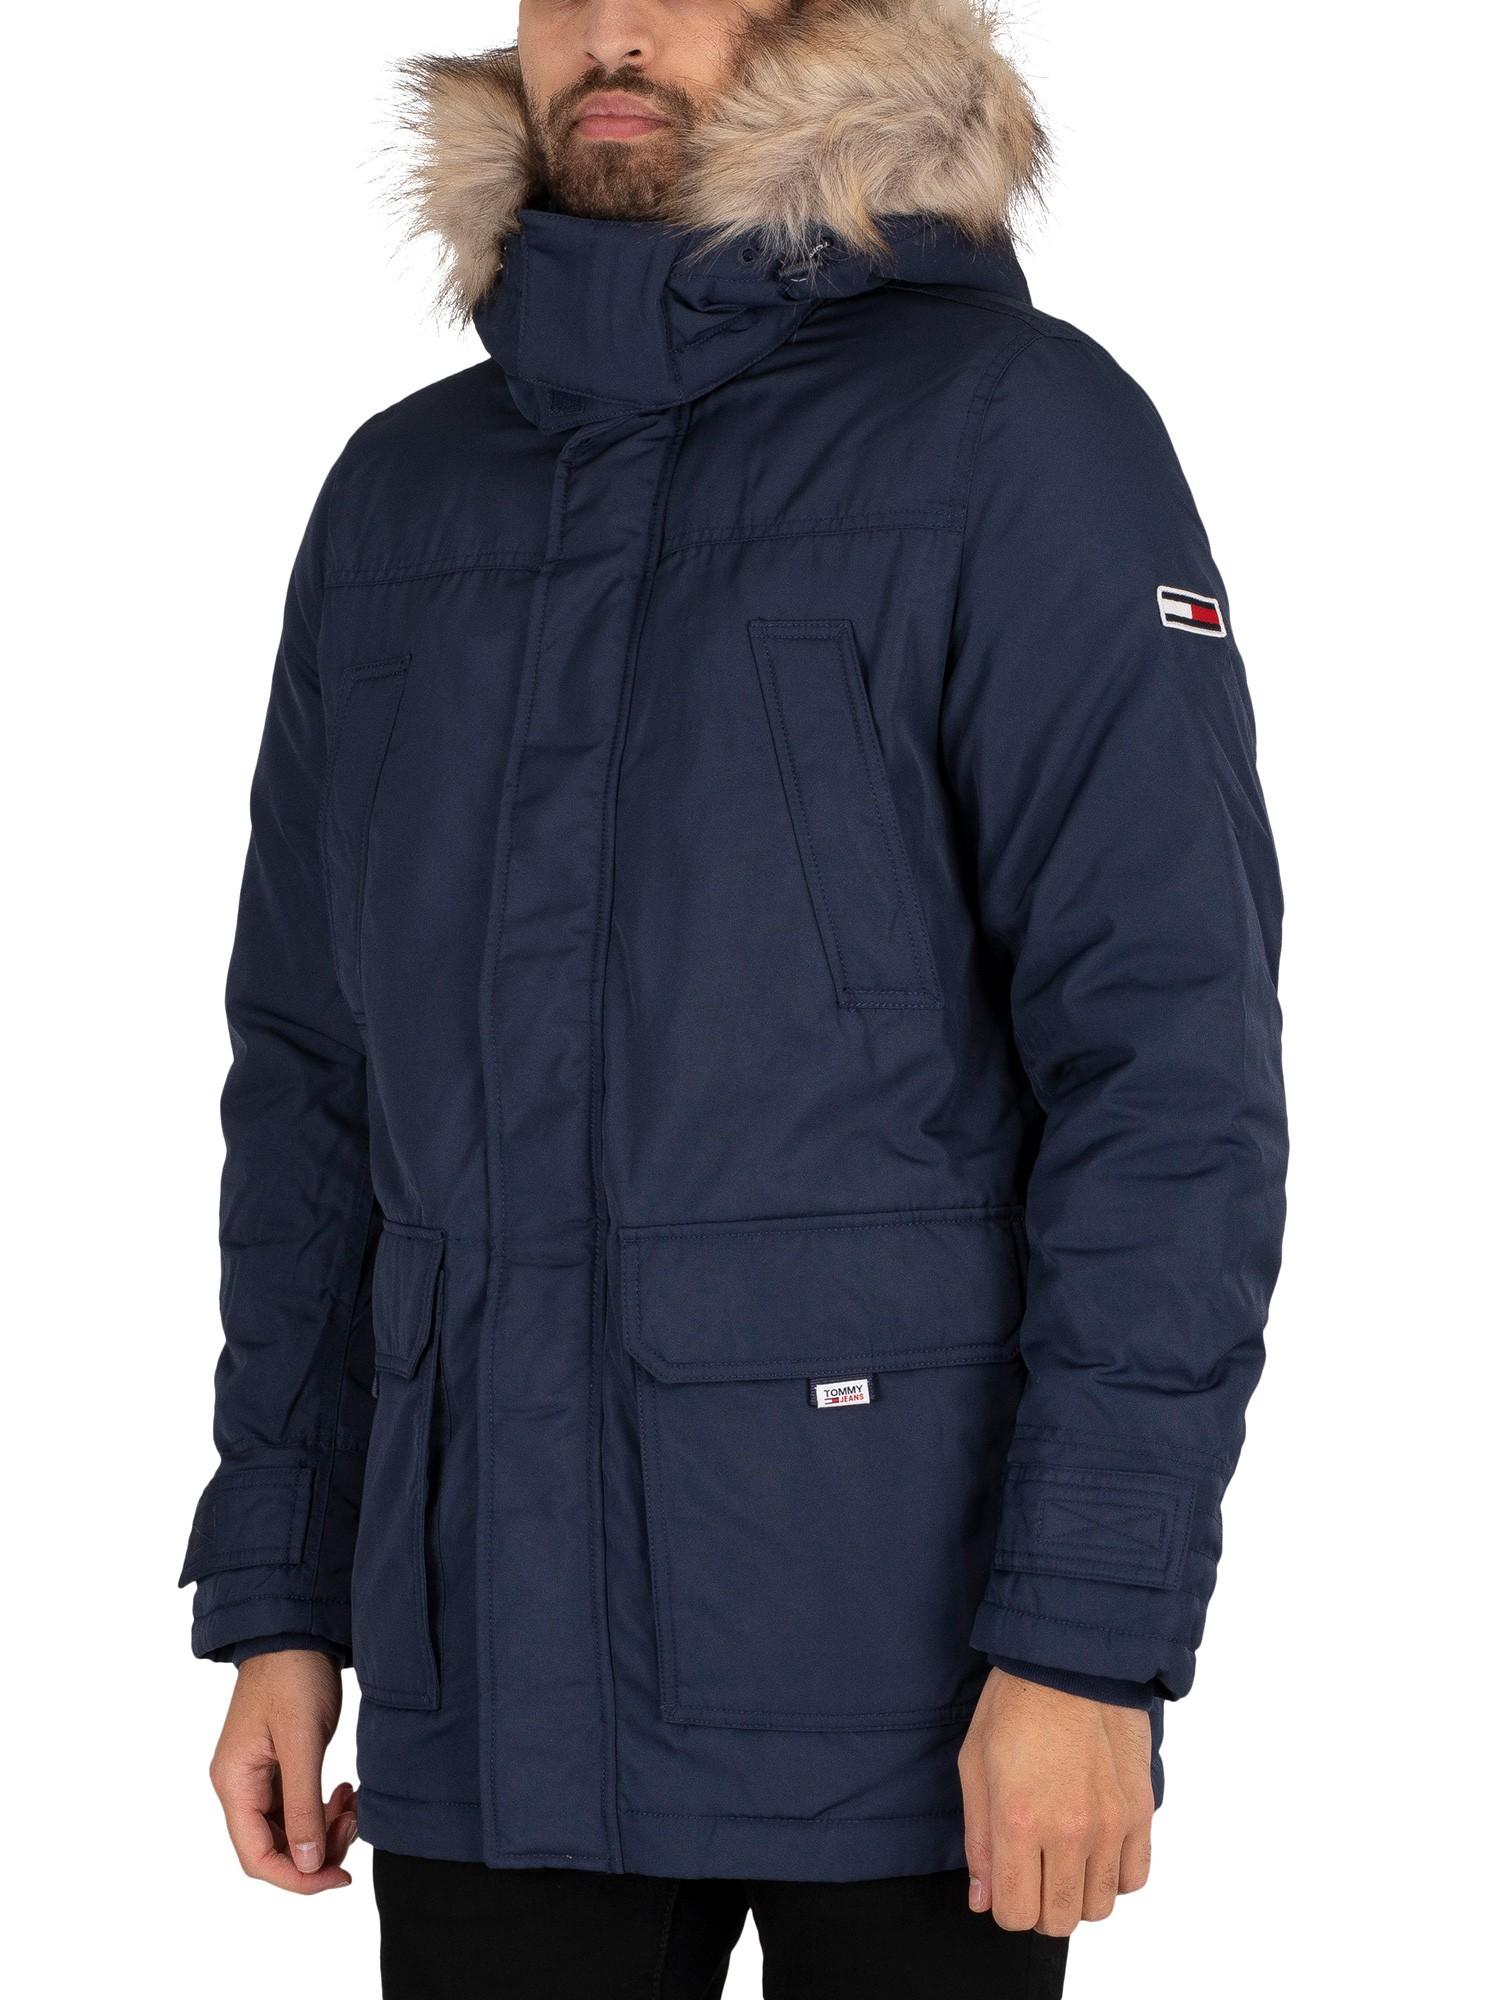 Tech-Parka-Jacket